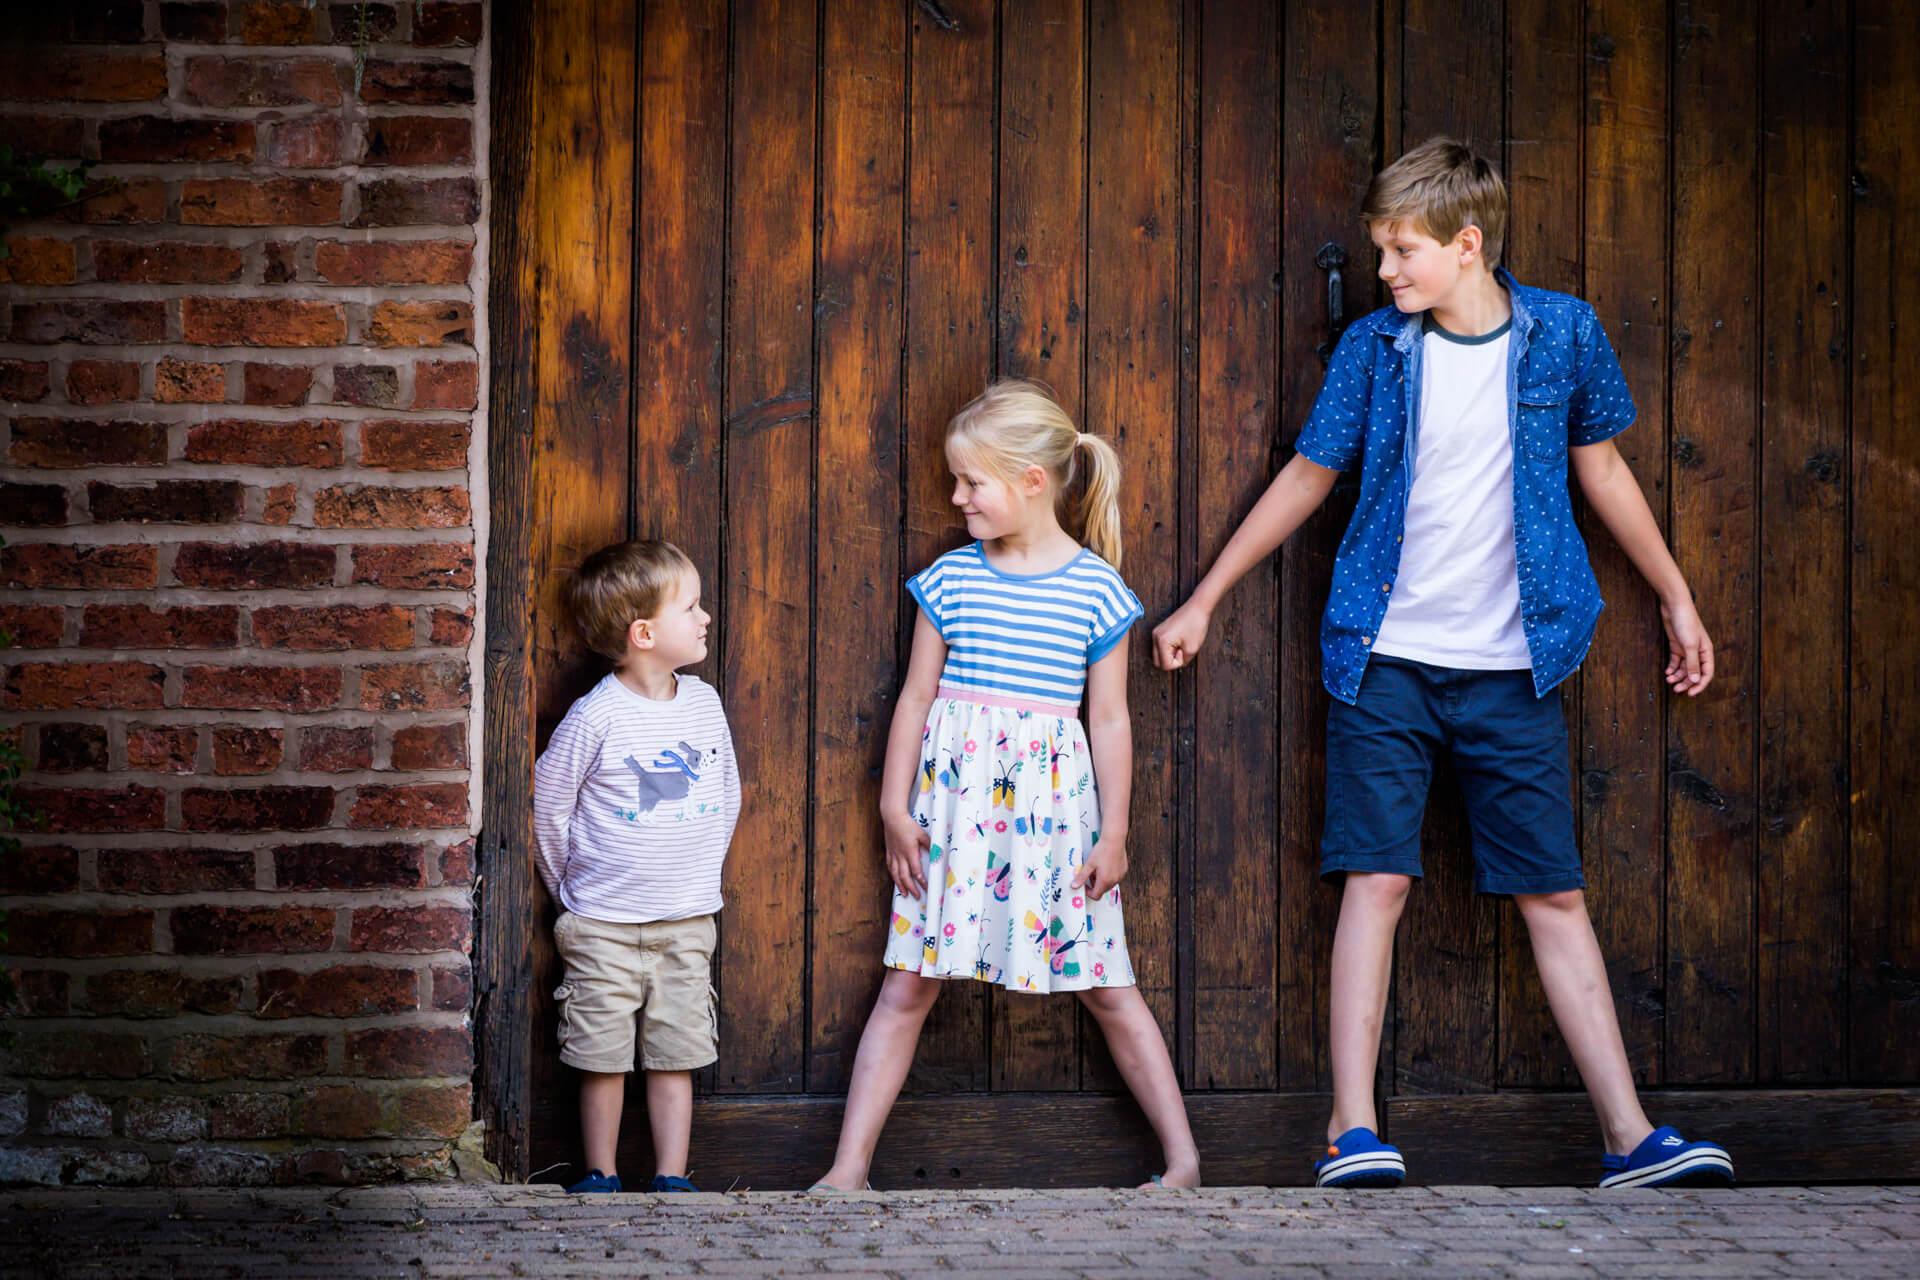 siblings standing together in front of a garage door